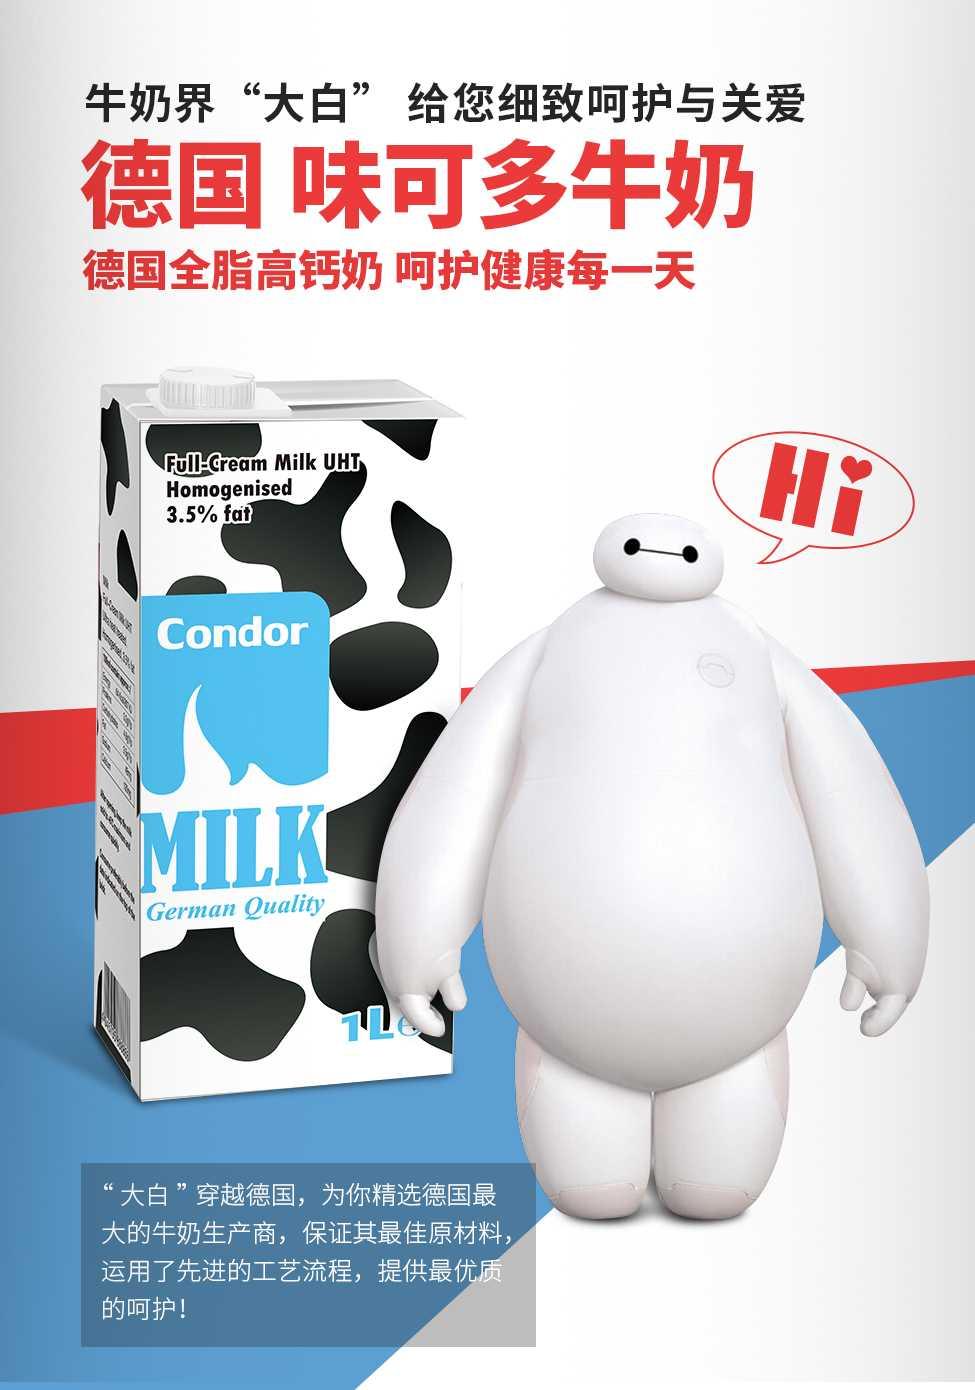 德国品质,味可多全脂纯牛奶